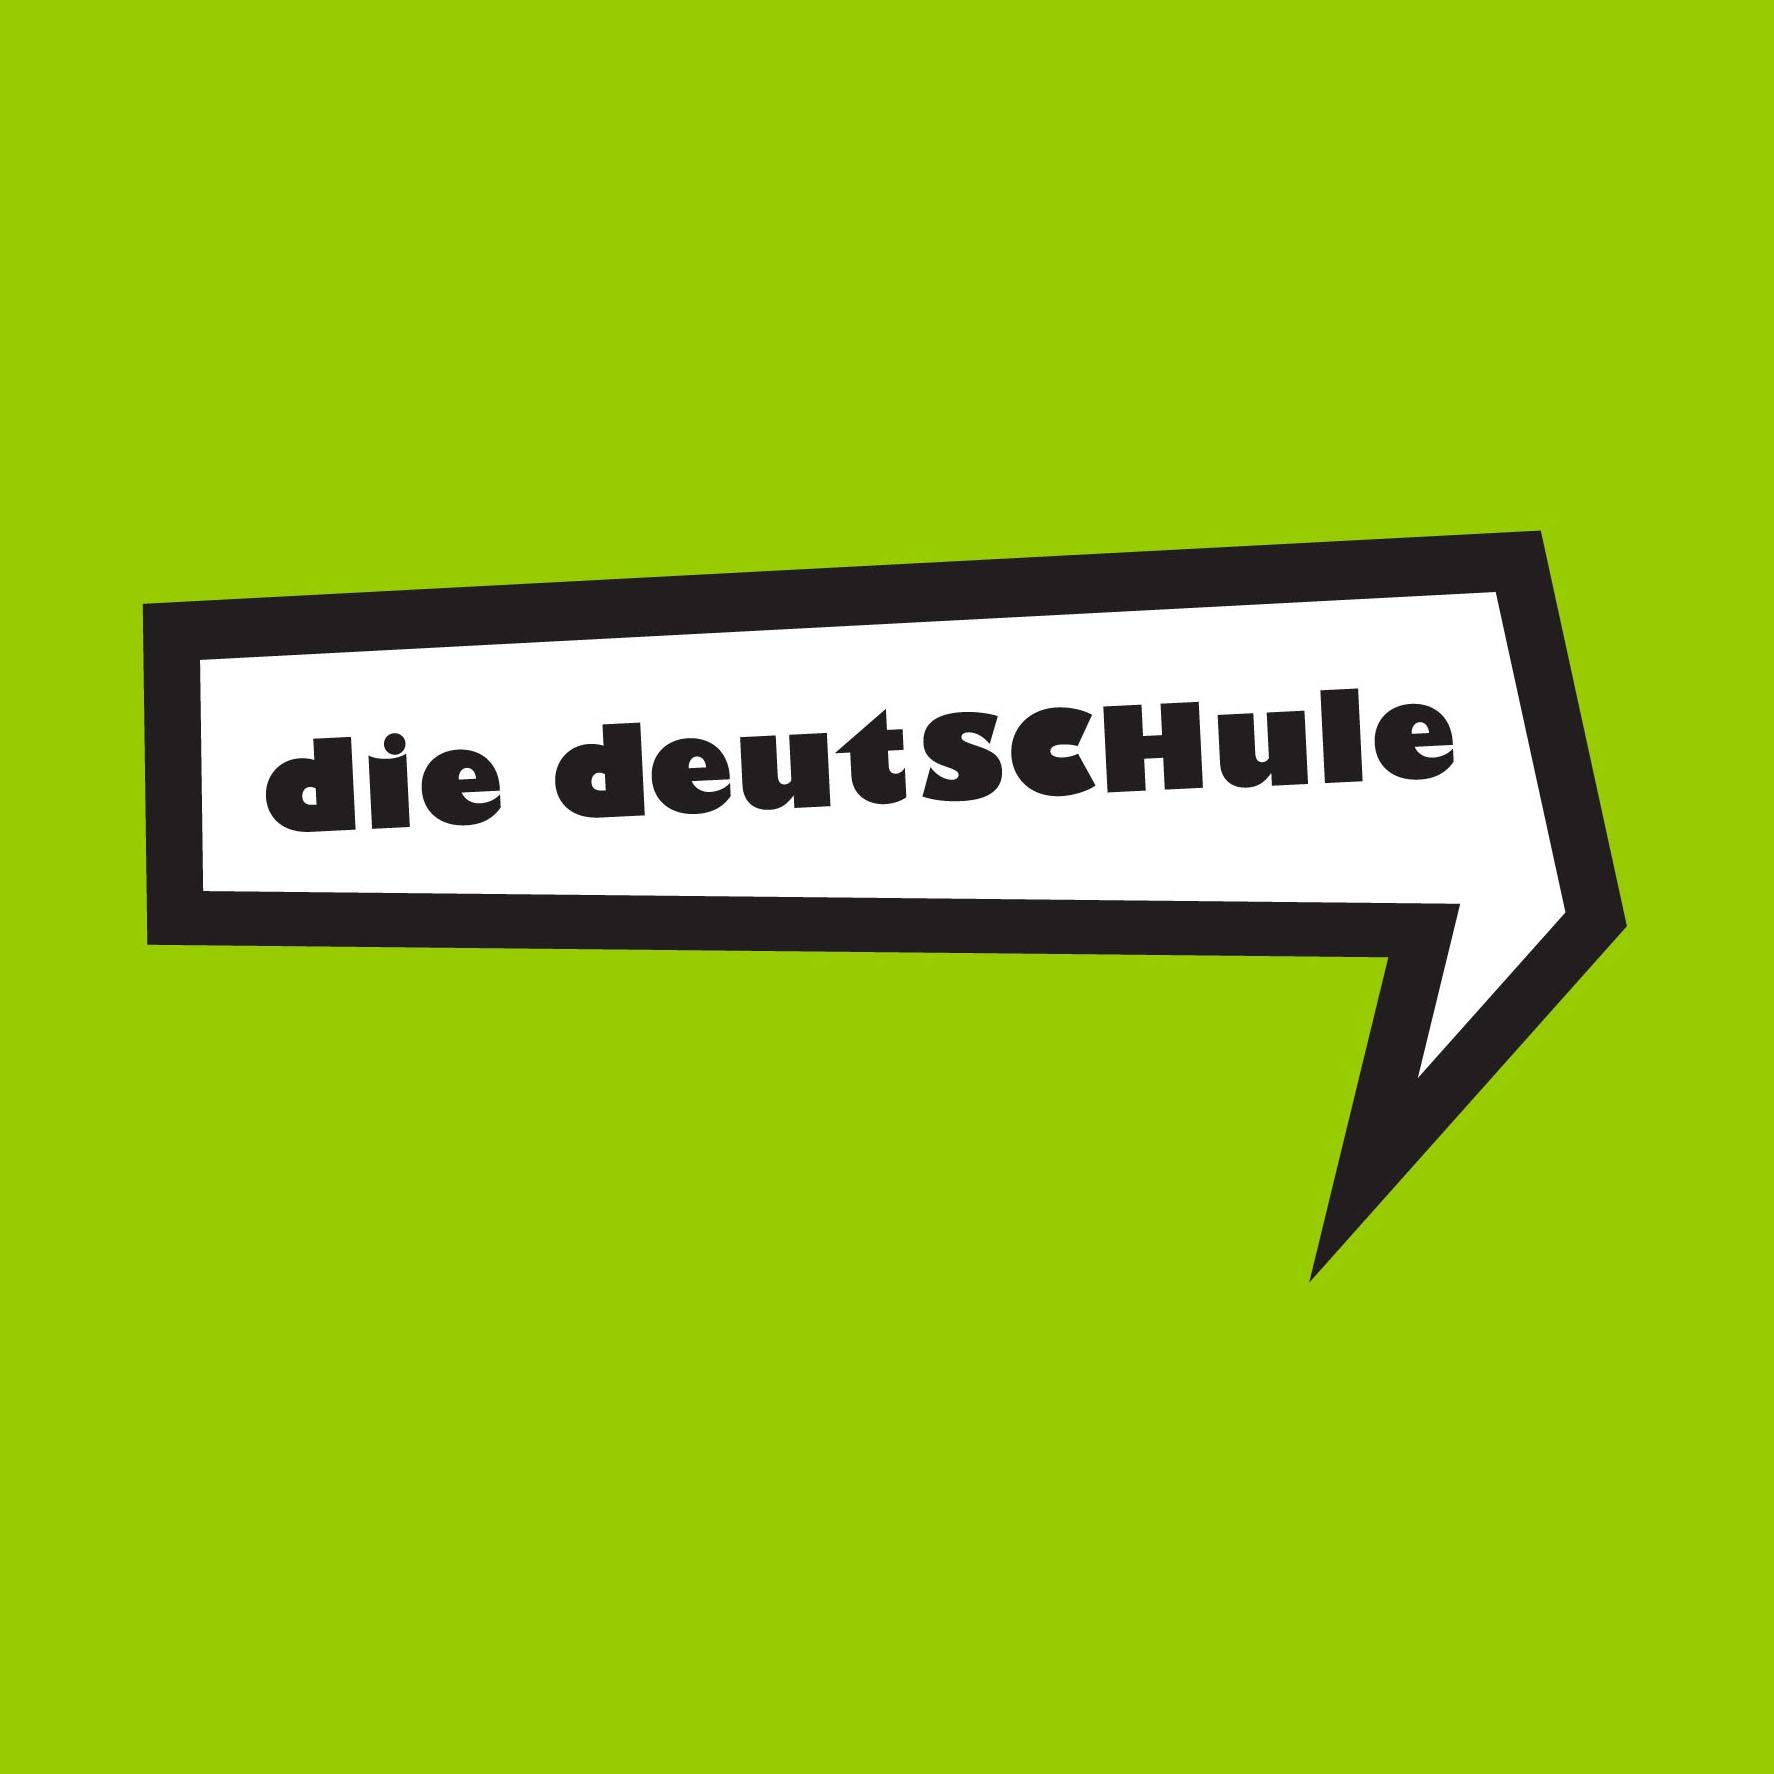 Die Deutschule Zertifizierte Kurse Sofort Starten